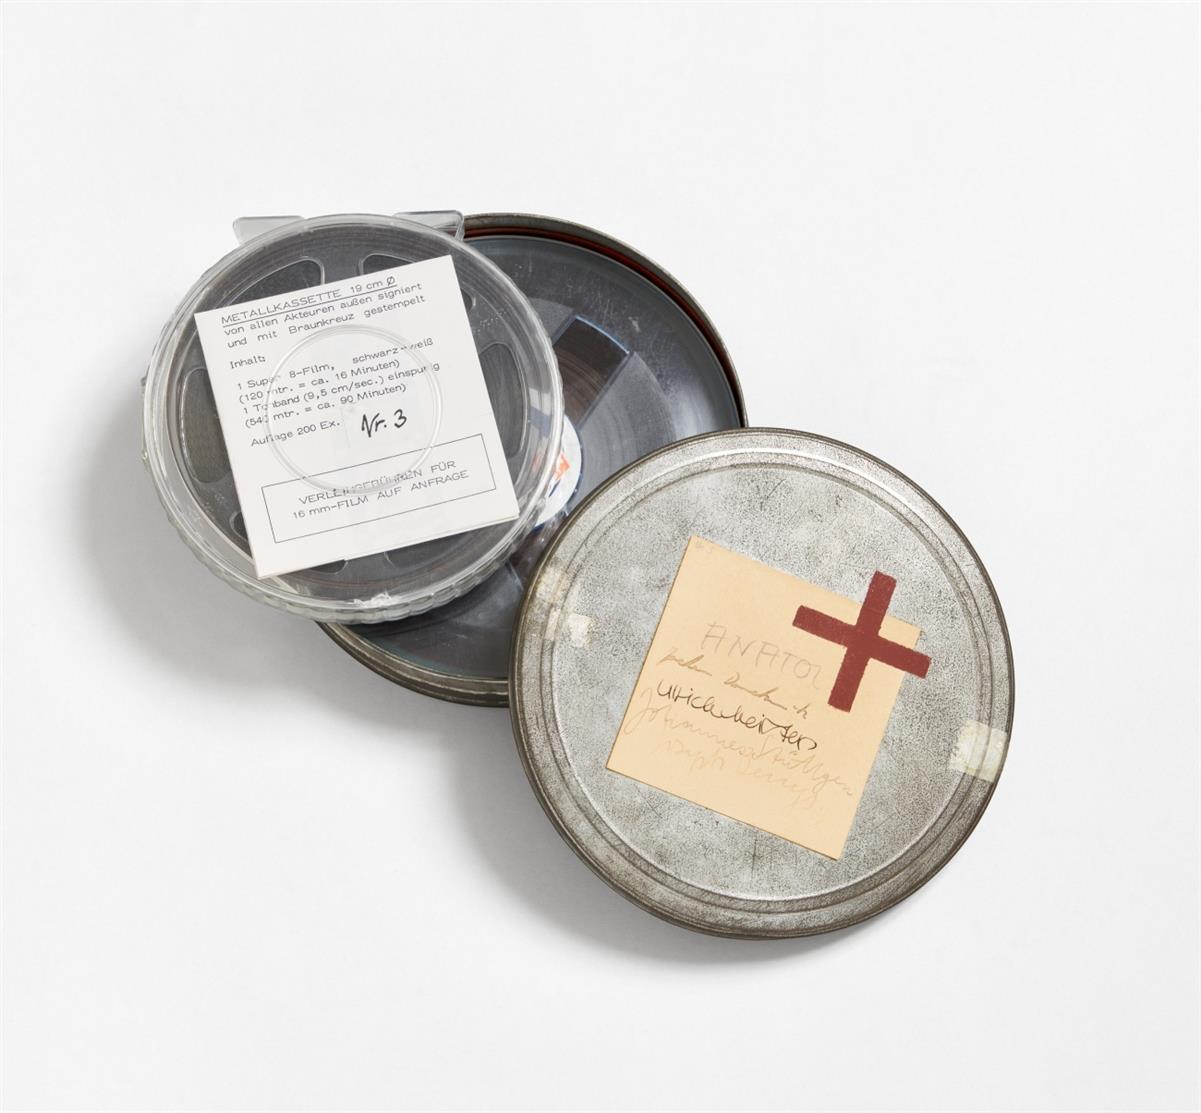 Joseph Beuys. Der Tisch. 1971. Film (Super 8), Tonband und Informations-Zettel in Filmdose. Signiert. Ex. 3/200. Schellmann 41. + Beilage: Tonband-Kassette, Kopie.